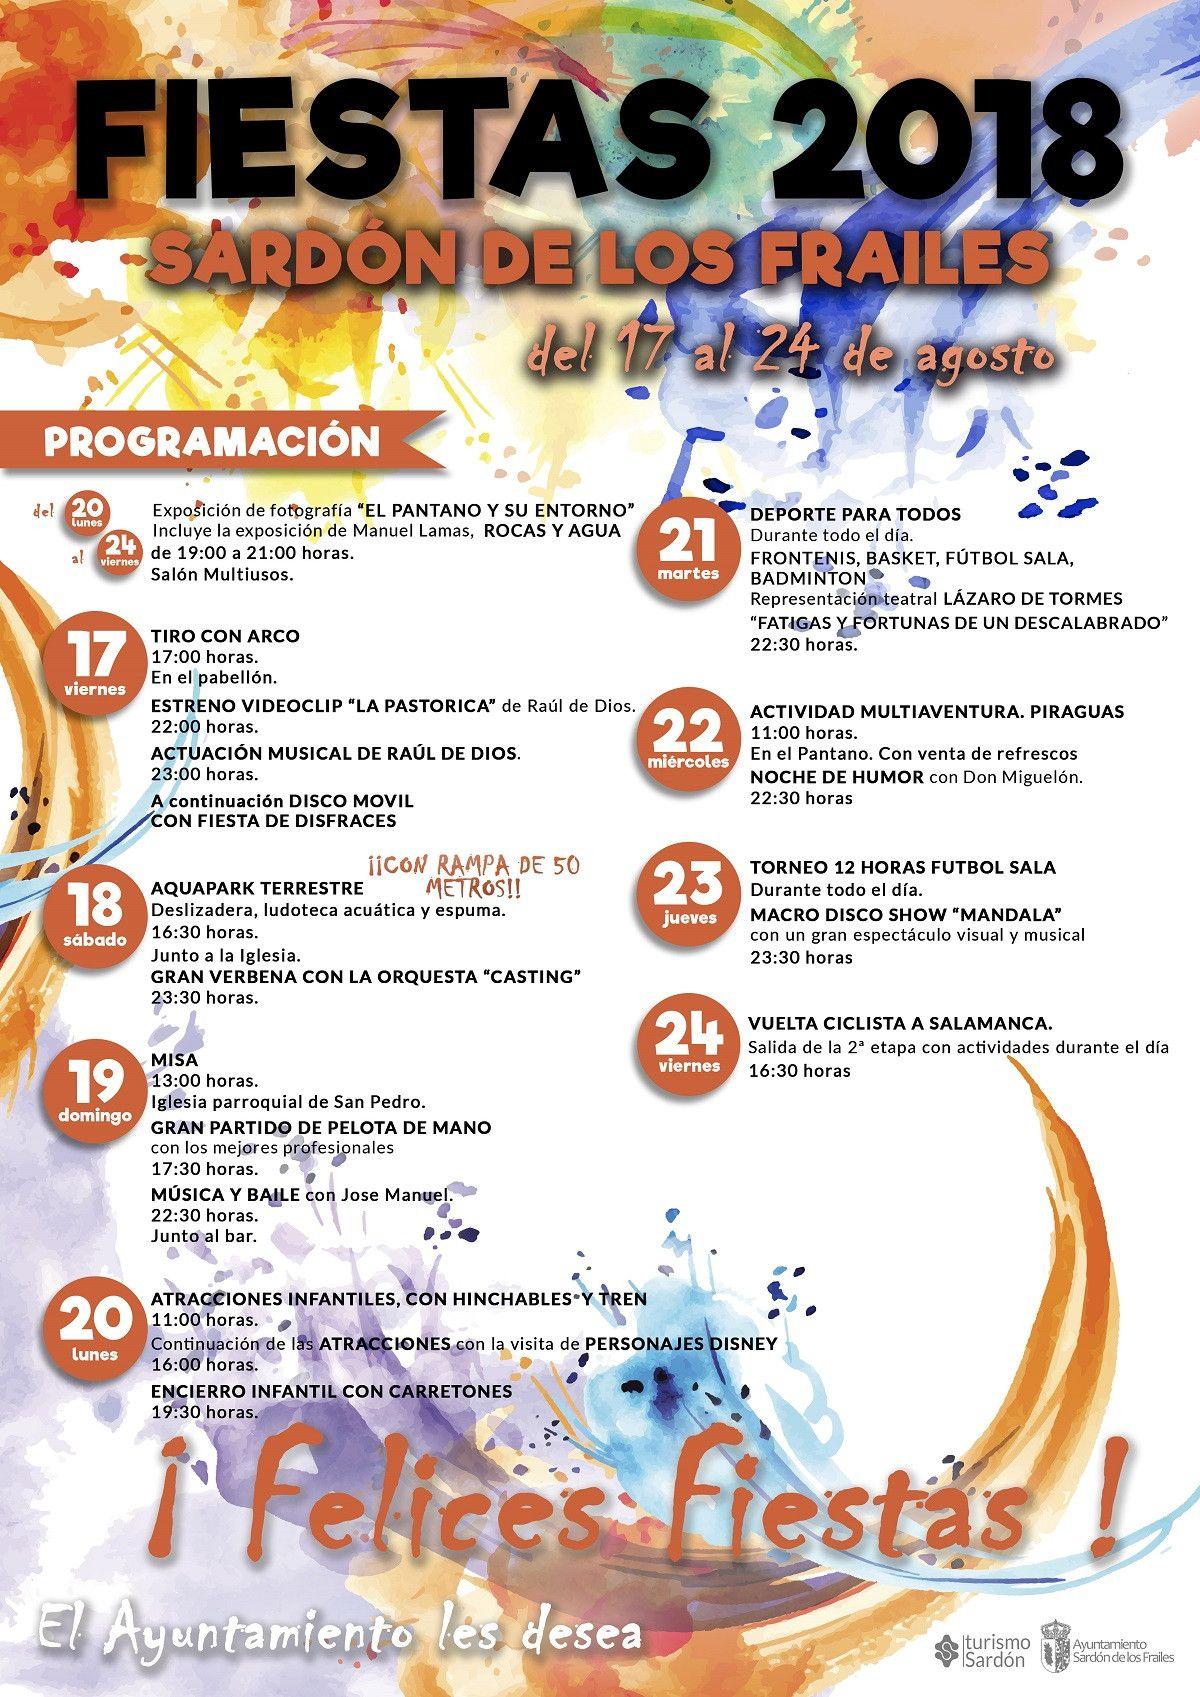 Fiestas Sardu00f3n de los Frailes programa